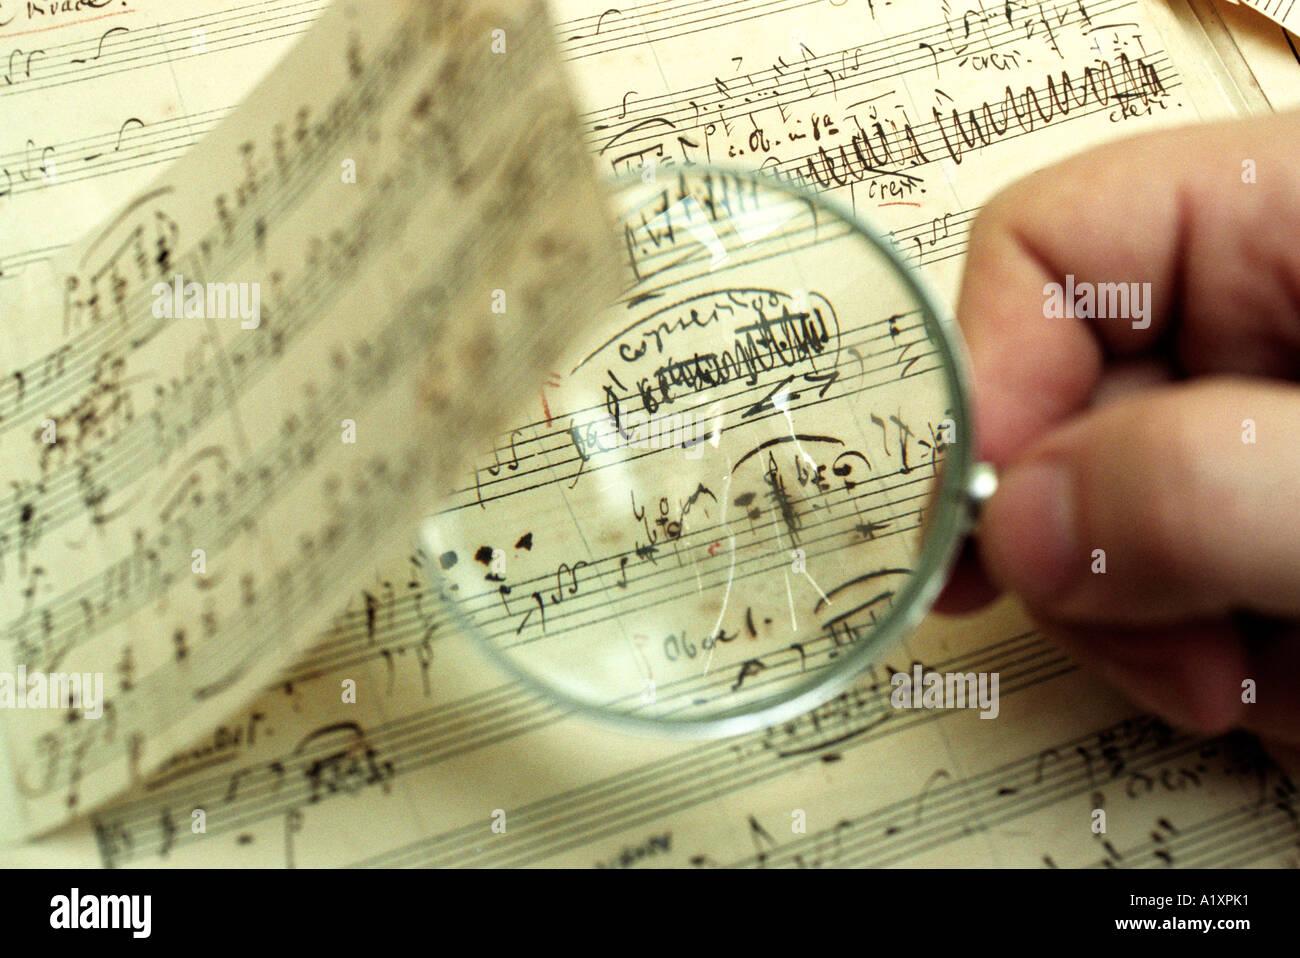 Robert Schumann Composer Stock Photos & Robert Schumann Composer